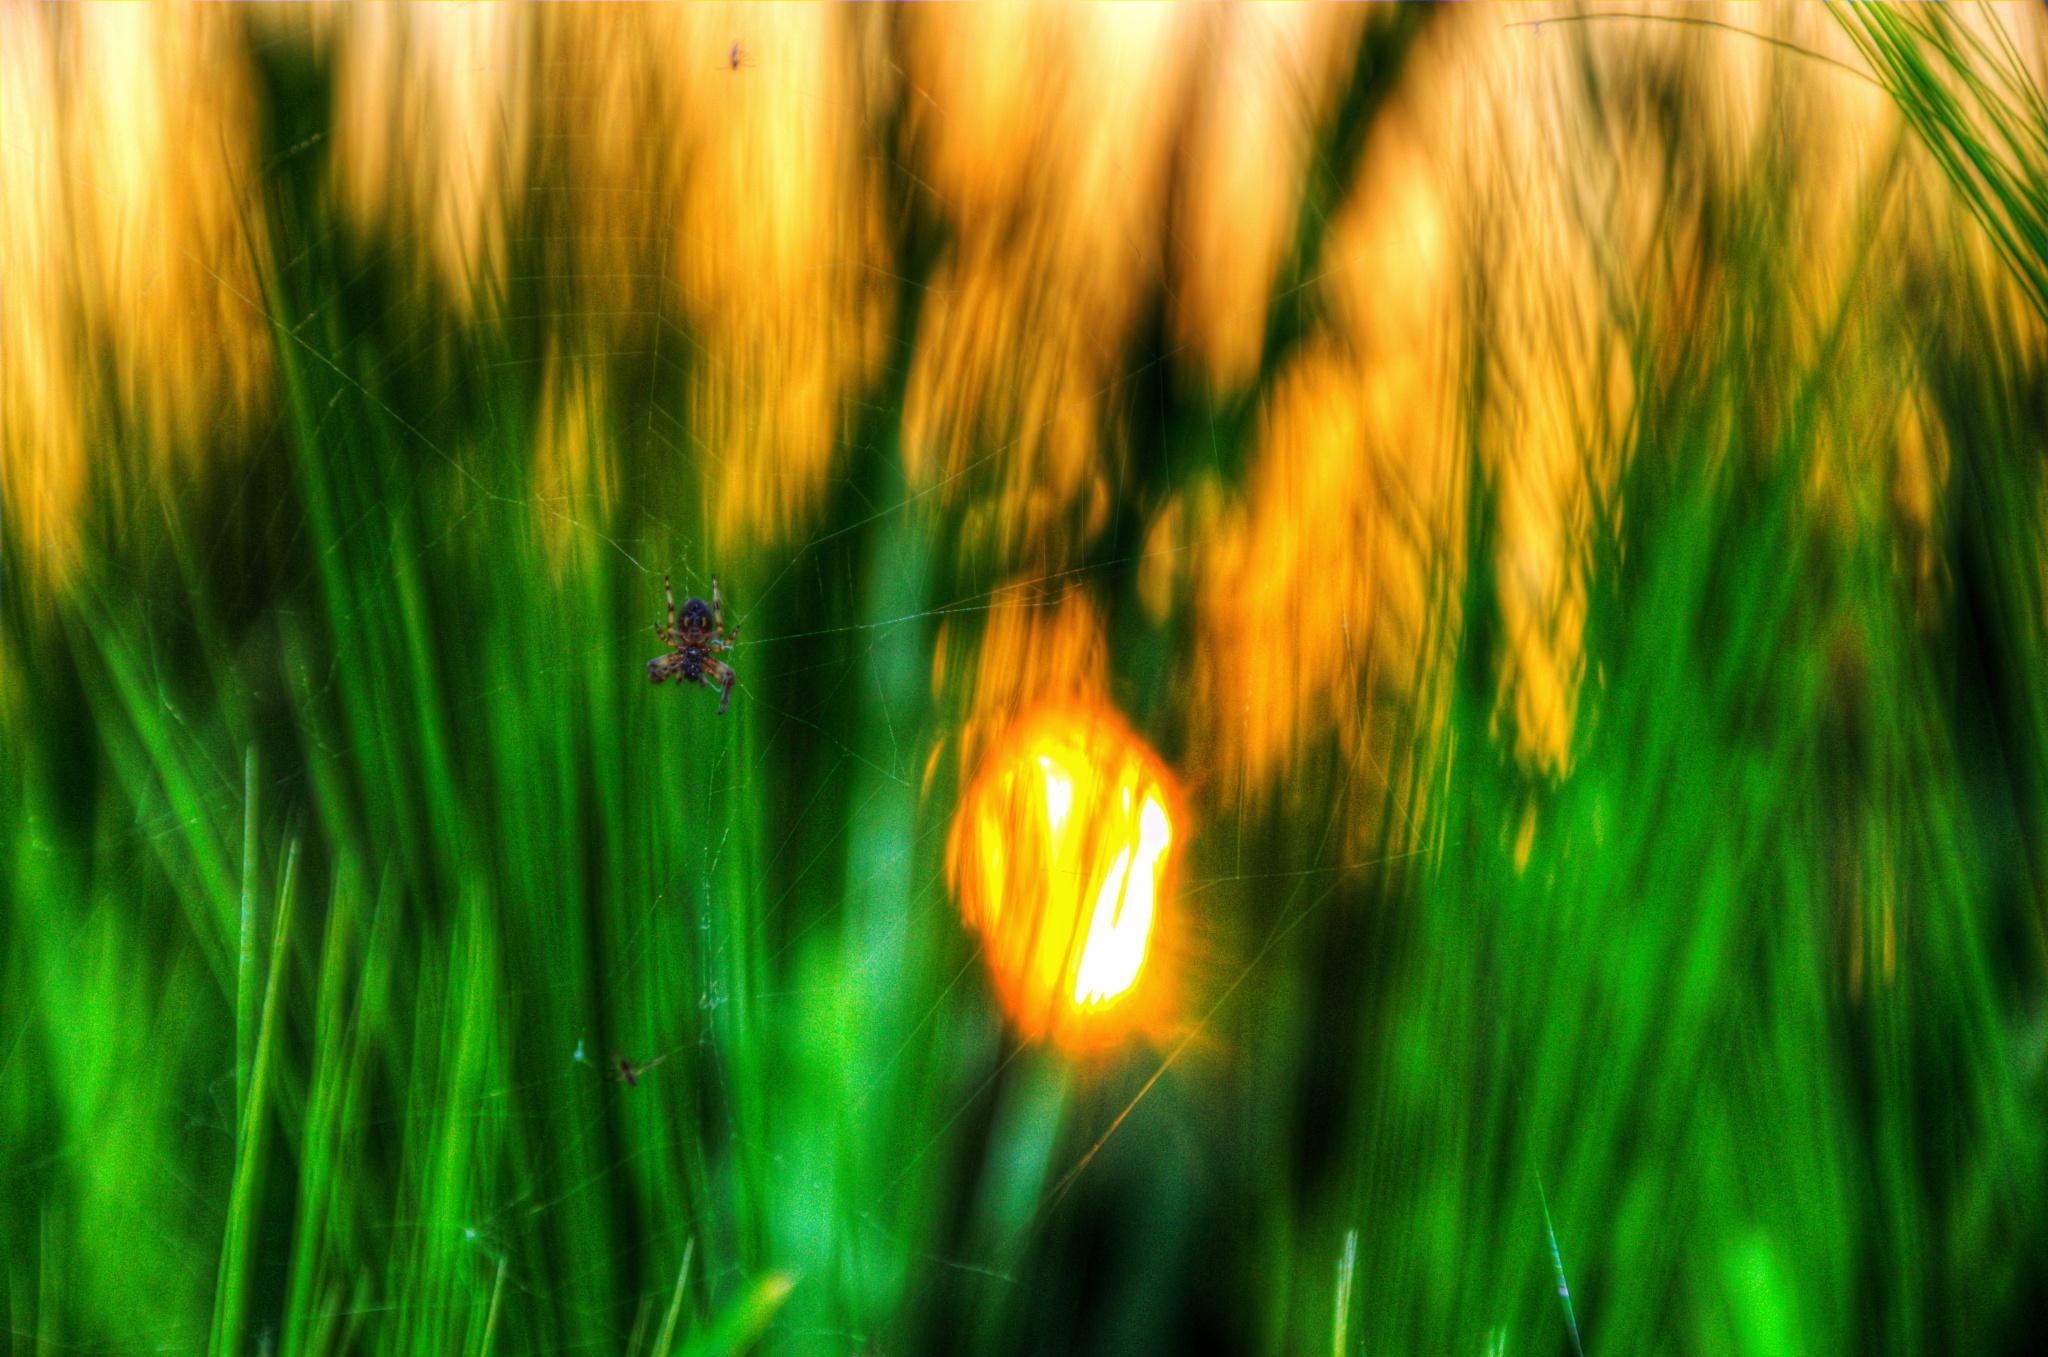 spider by pixelreflex